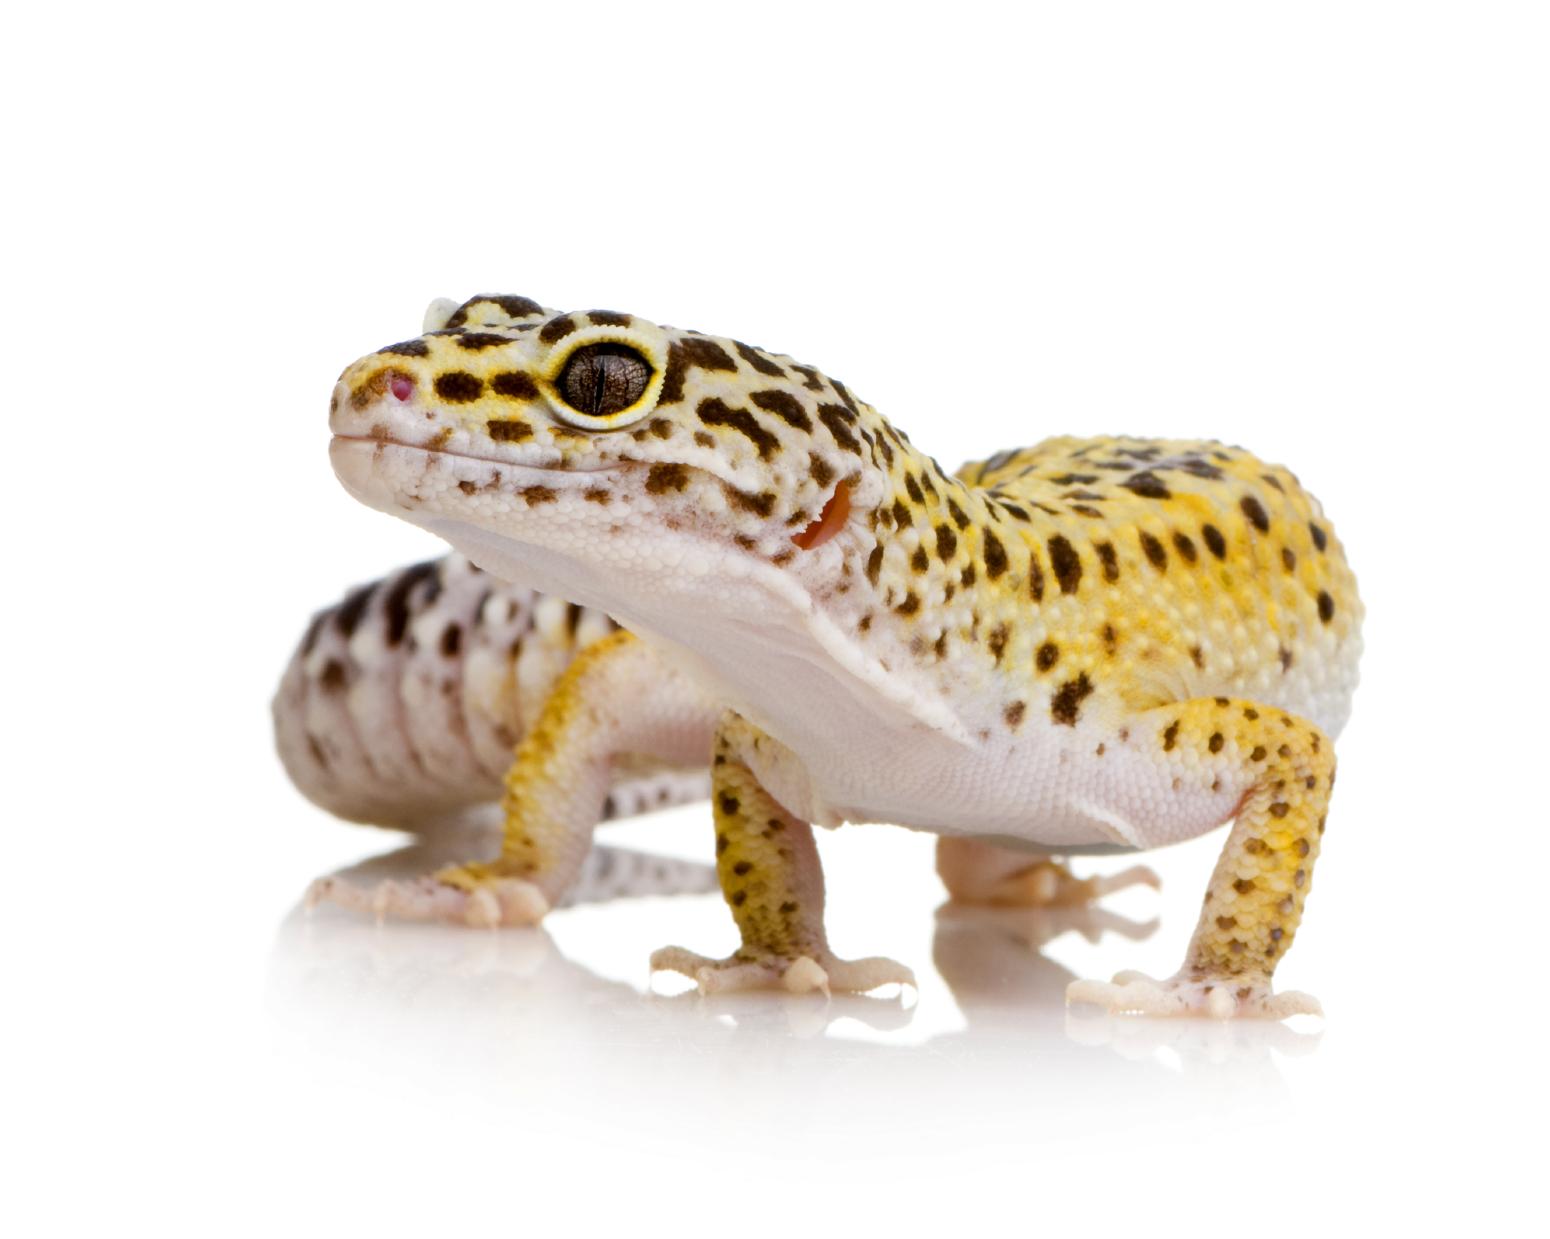 leopard-gecko-image-flukers.png